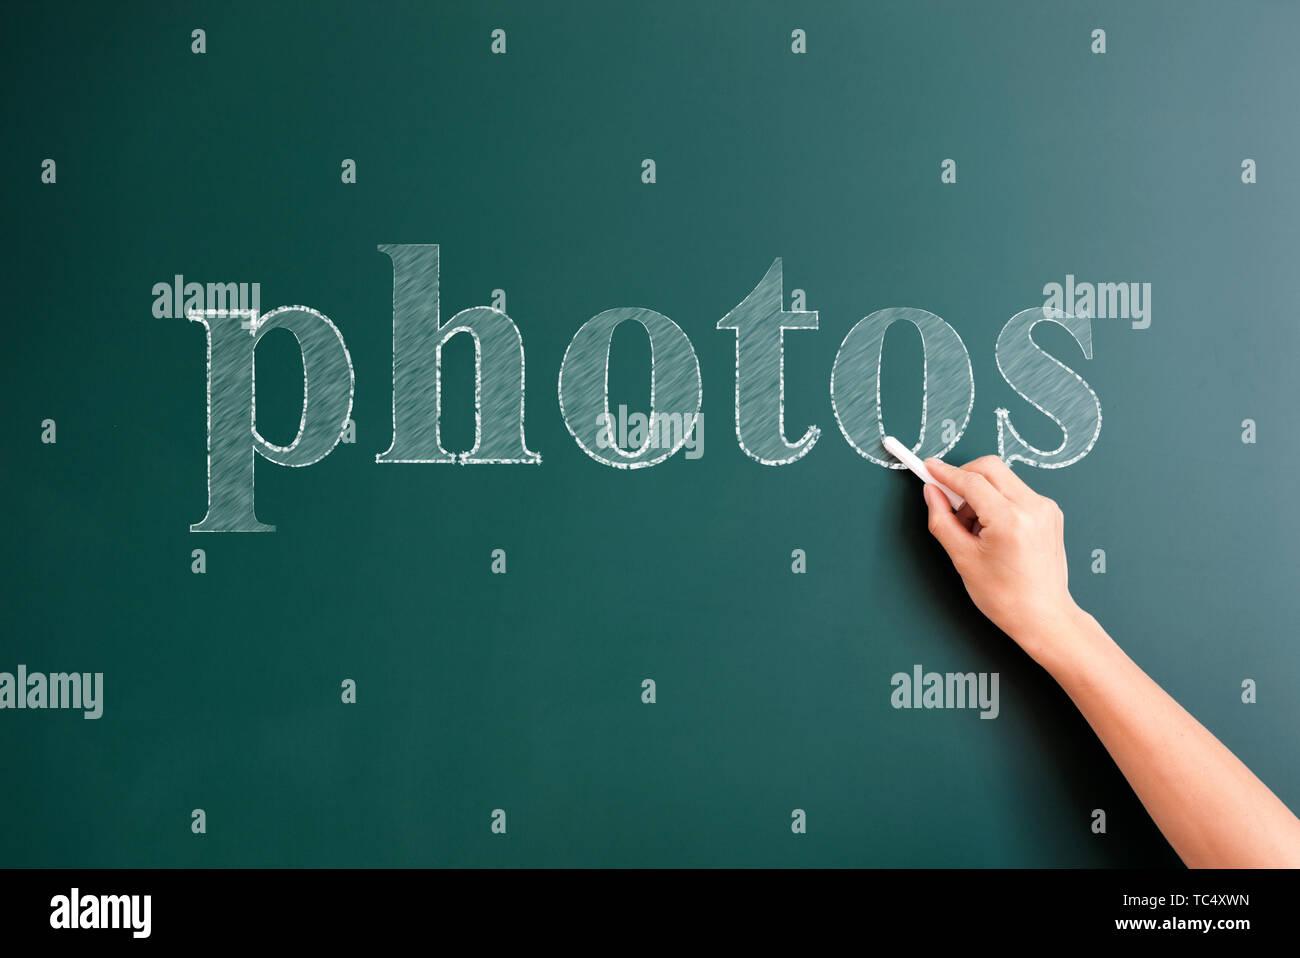 photos written on blackboard - Stock Image